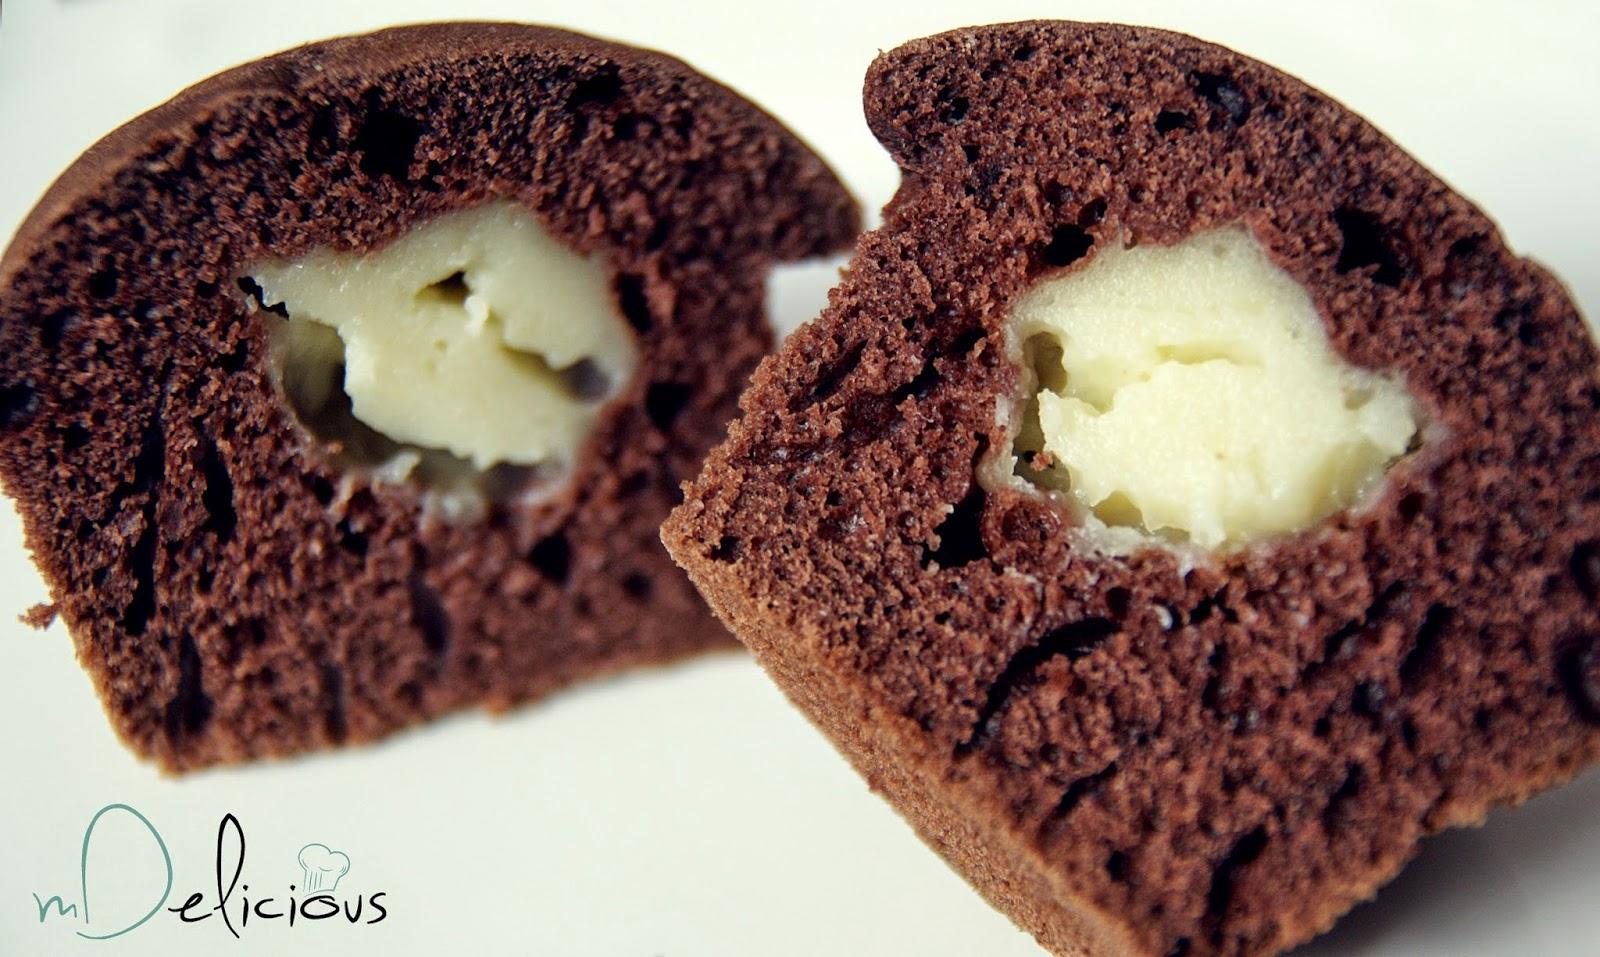 muffinki czekoladowe, muffinki z budyniem, muffiny z budyniem, muffiny czekoladowe z budyniem, babeczki z budyniem, babeczki czekoladowe z budyniem